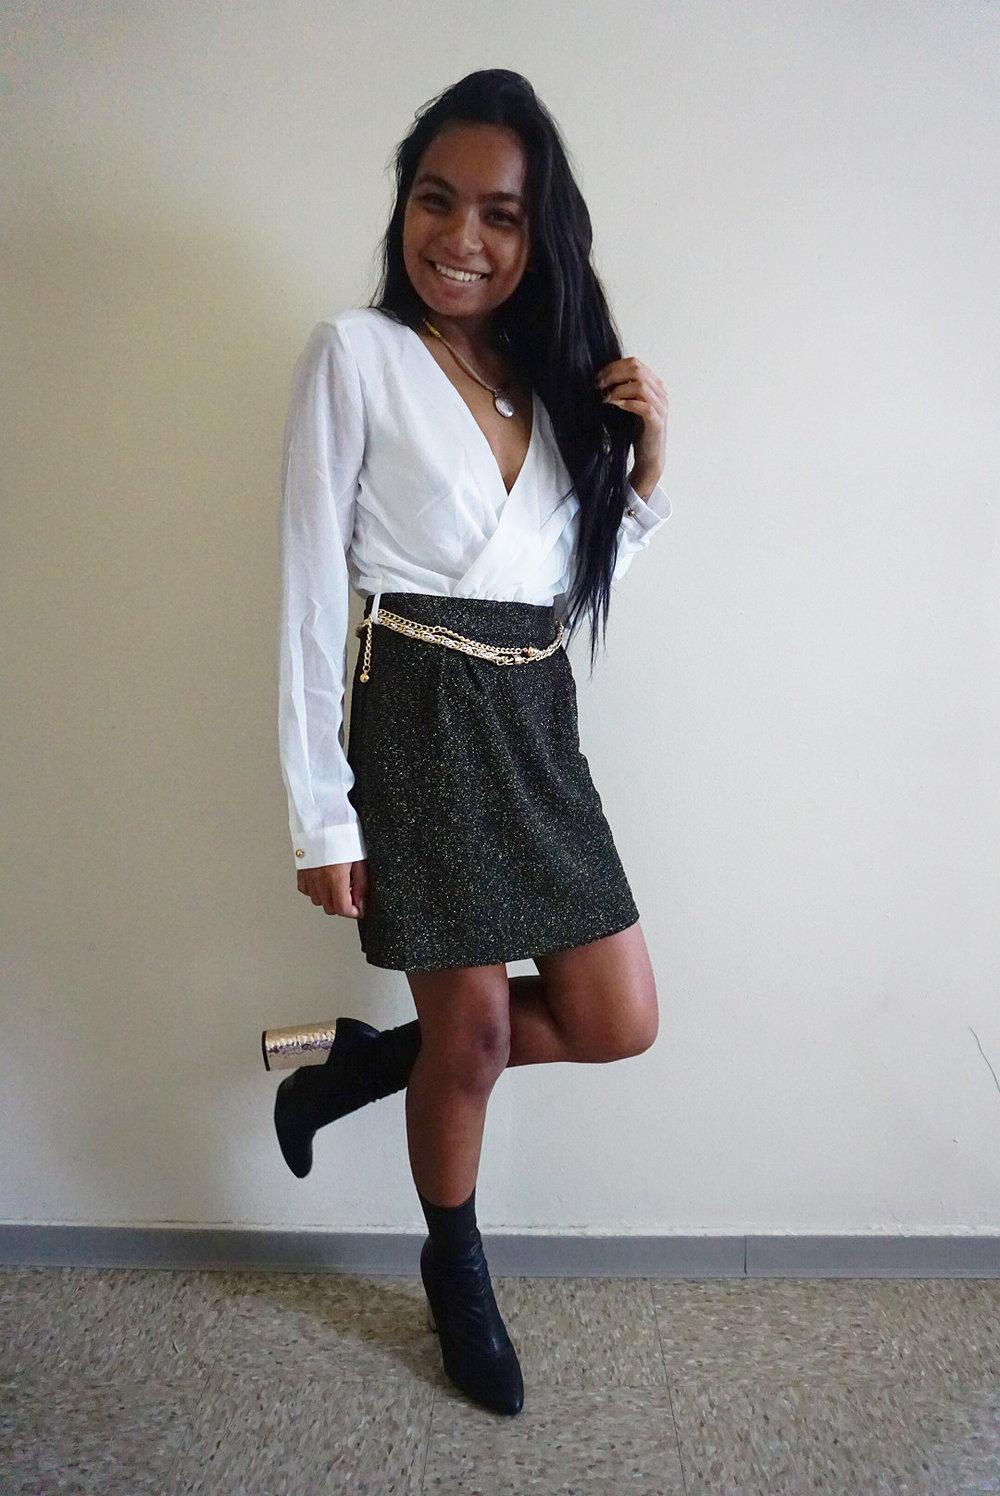 Two-Toned-Amiclubwear-Dress-Fall-Style-Blogger-LINDATENCHITRAN-1-1616x1080.jpg